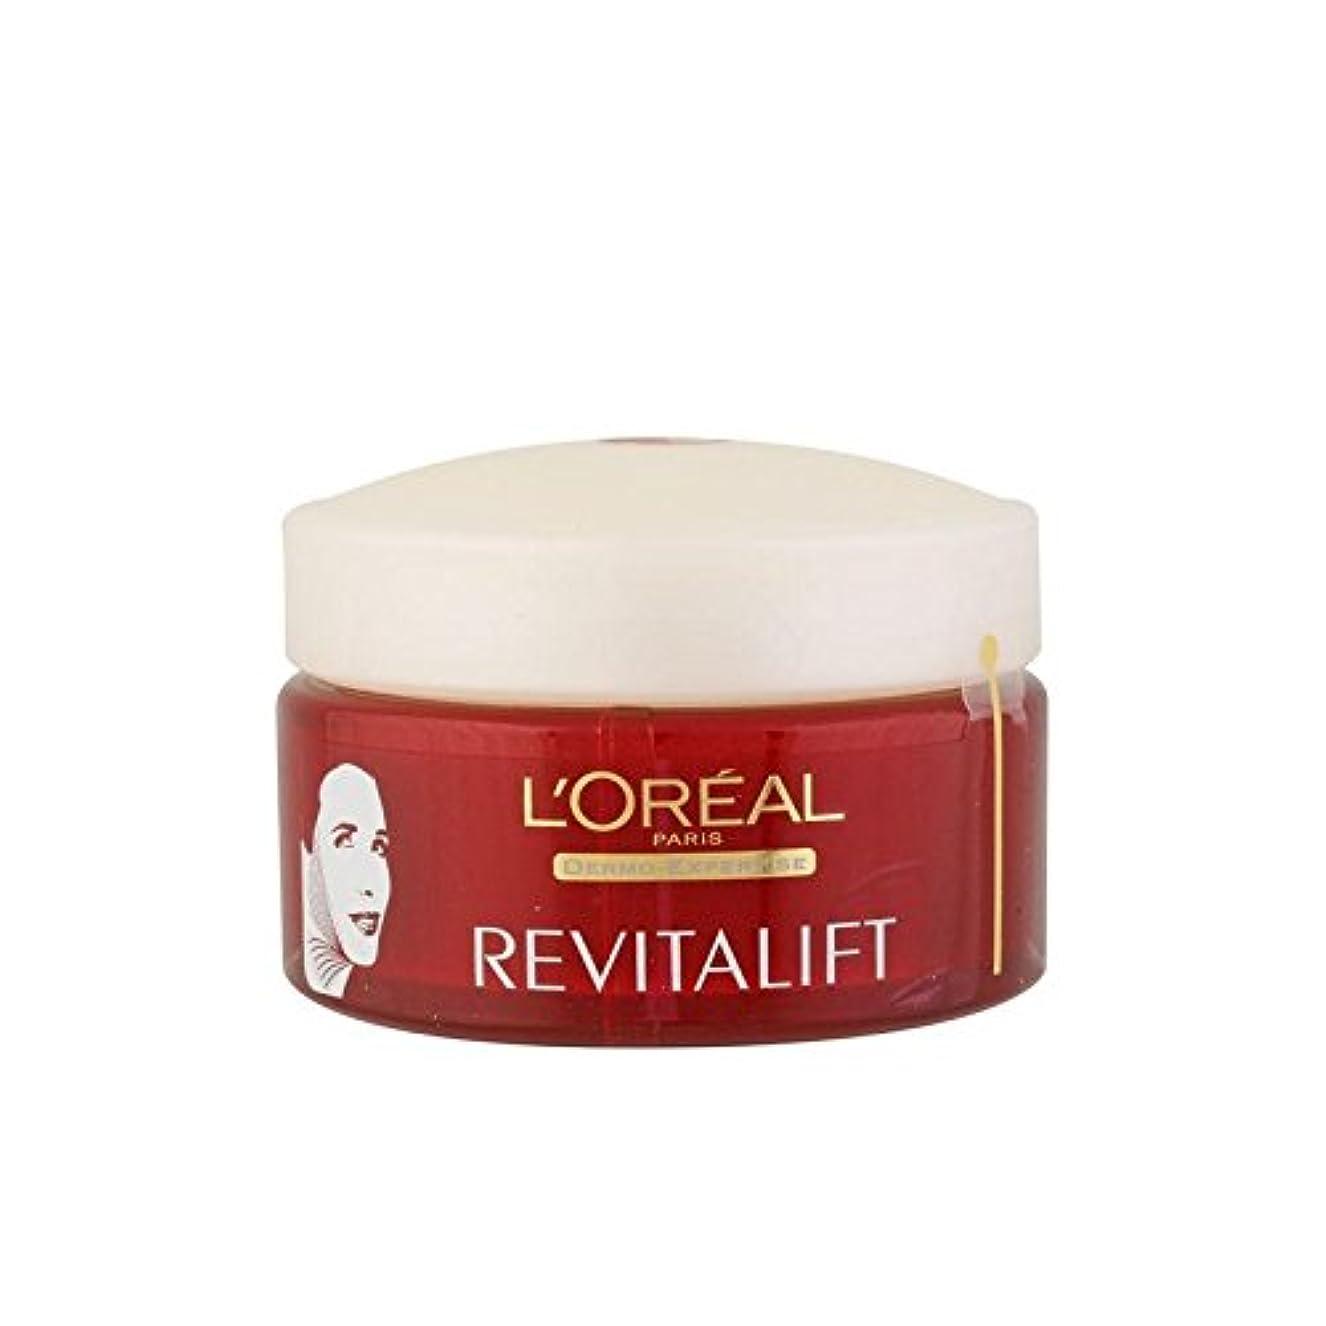 時折日記常識ロレアルパリ?ダーモ専門知識顔の輪郭や首の再サポートクリーム(50ミリリットル) x4 - L'Oreal Paris Dermo Expertise Revitalift Face Contours And Neck...